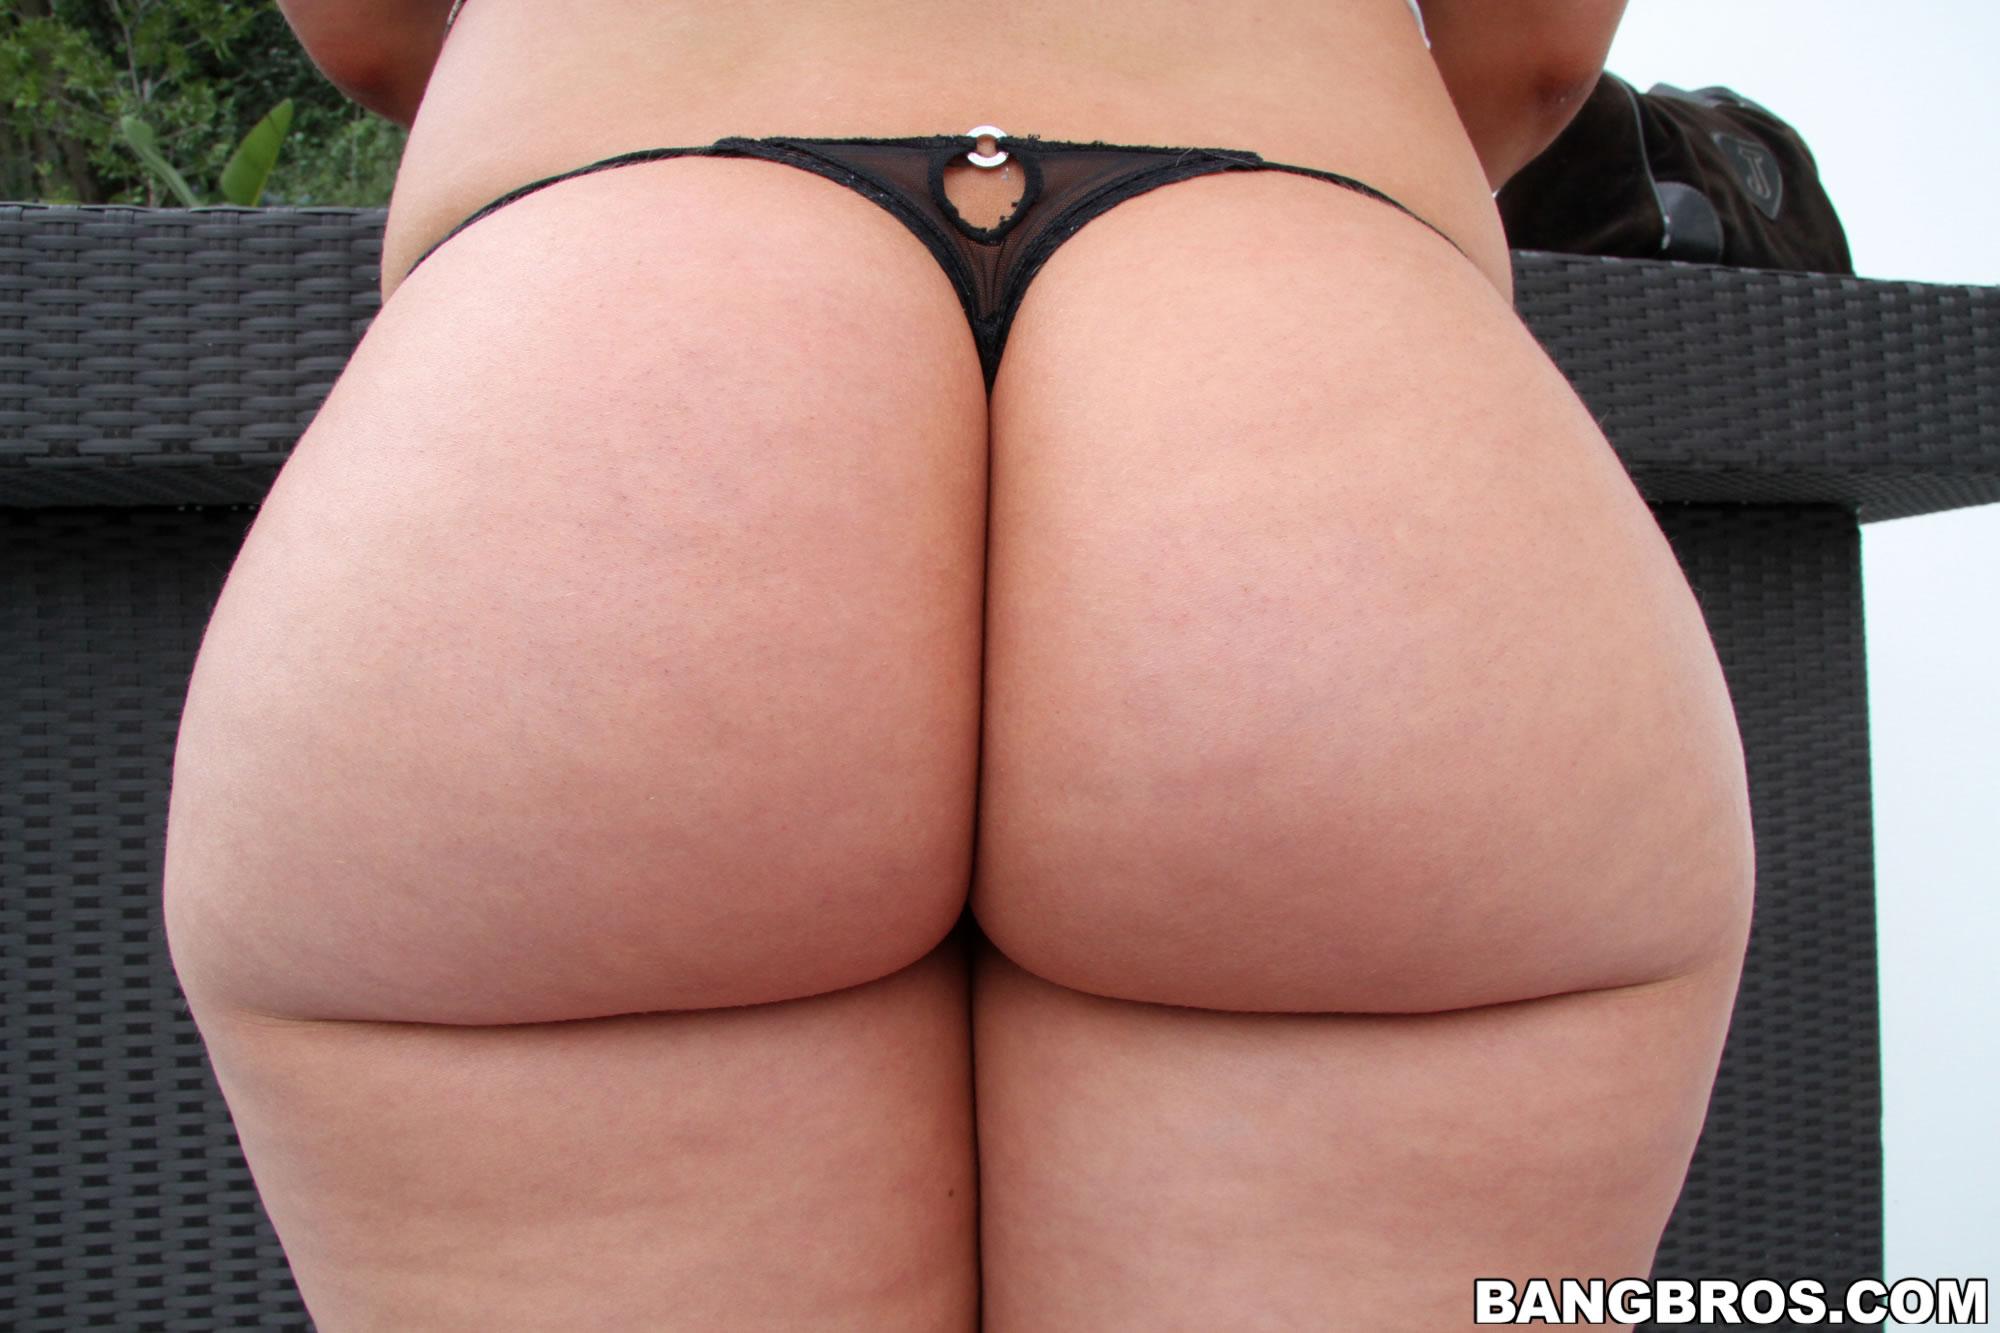 Фото гигантские задницы, голые жопы - ххх Фото больших и огромных жоп 12 фотография